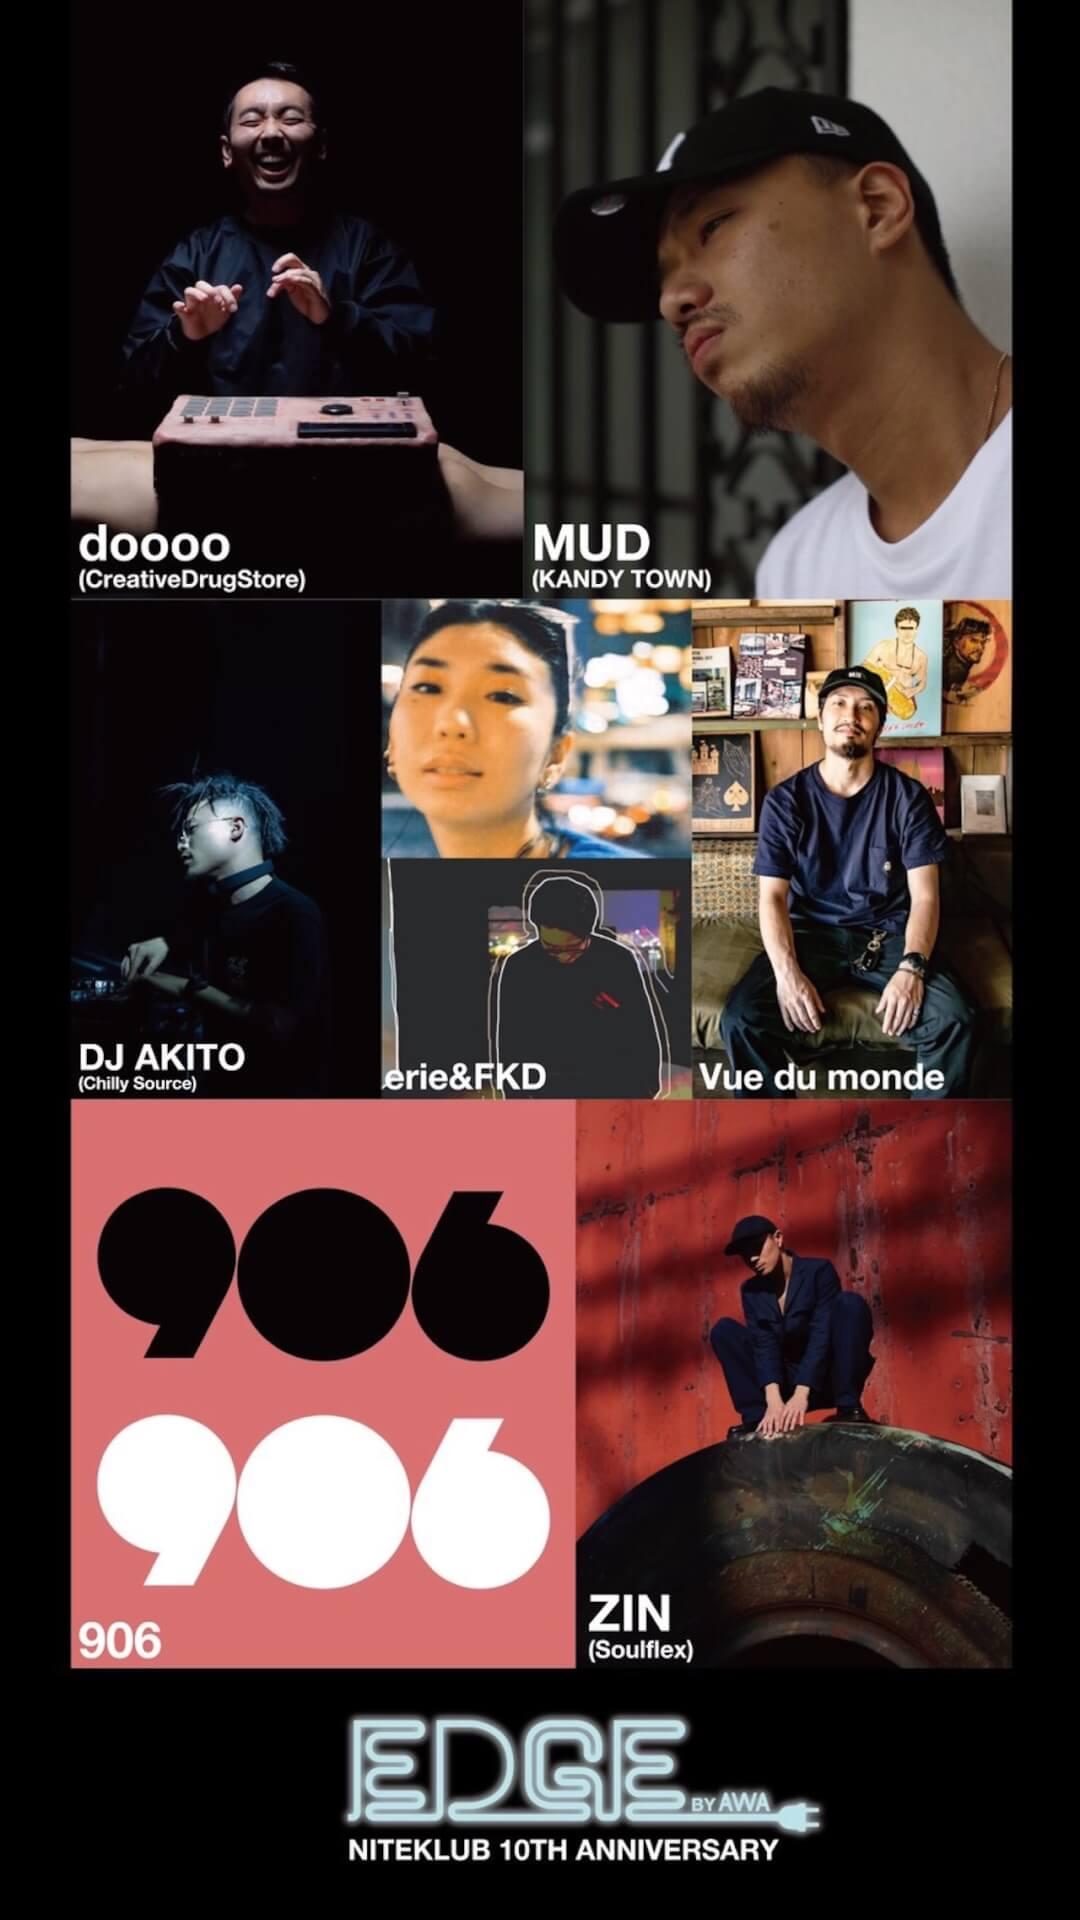 AWAによる超人気イベント「EDGE」第4回がLIQUIDROOMにて開催|田我流、Soulflex、おかもとえみ、lyrical schoolらが登場 music200223-edge-by-awa-2